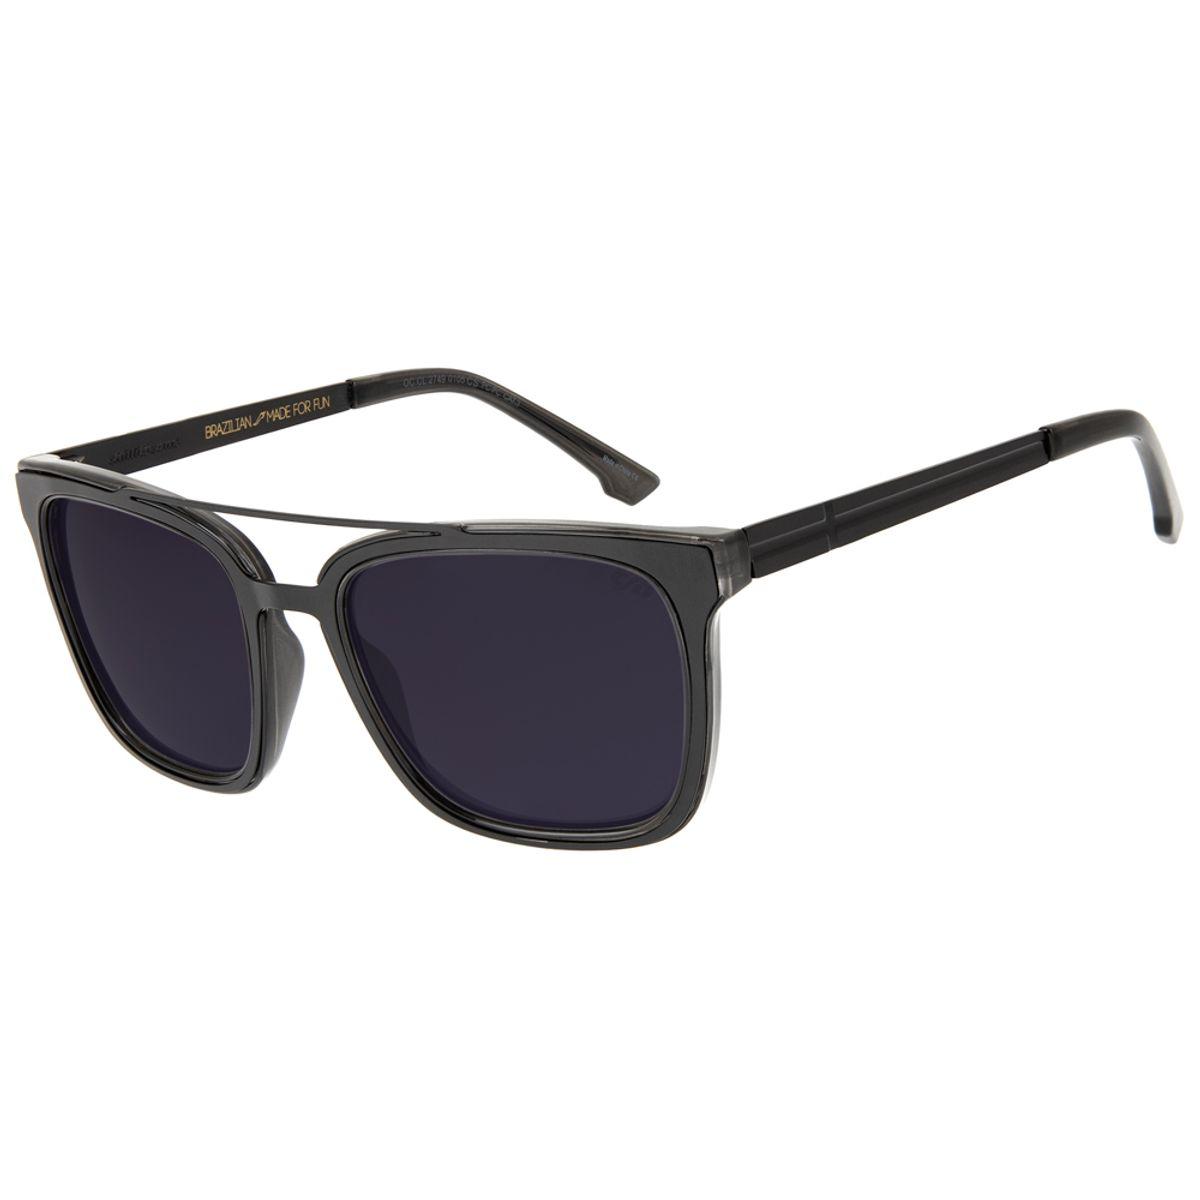 d382d3a7c Óculos de Sol Masculino Chilli Beans Blk L Life Fumê 2749 - Chilli Beans